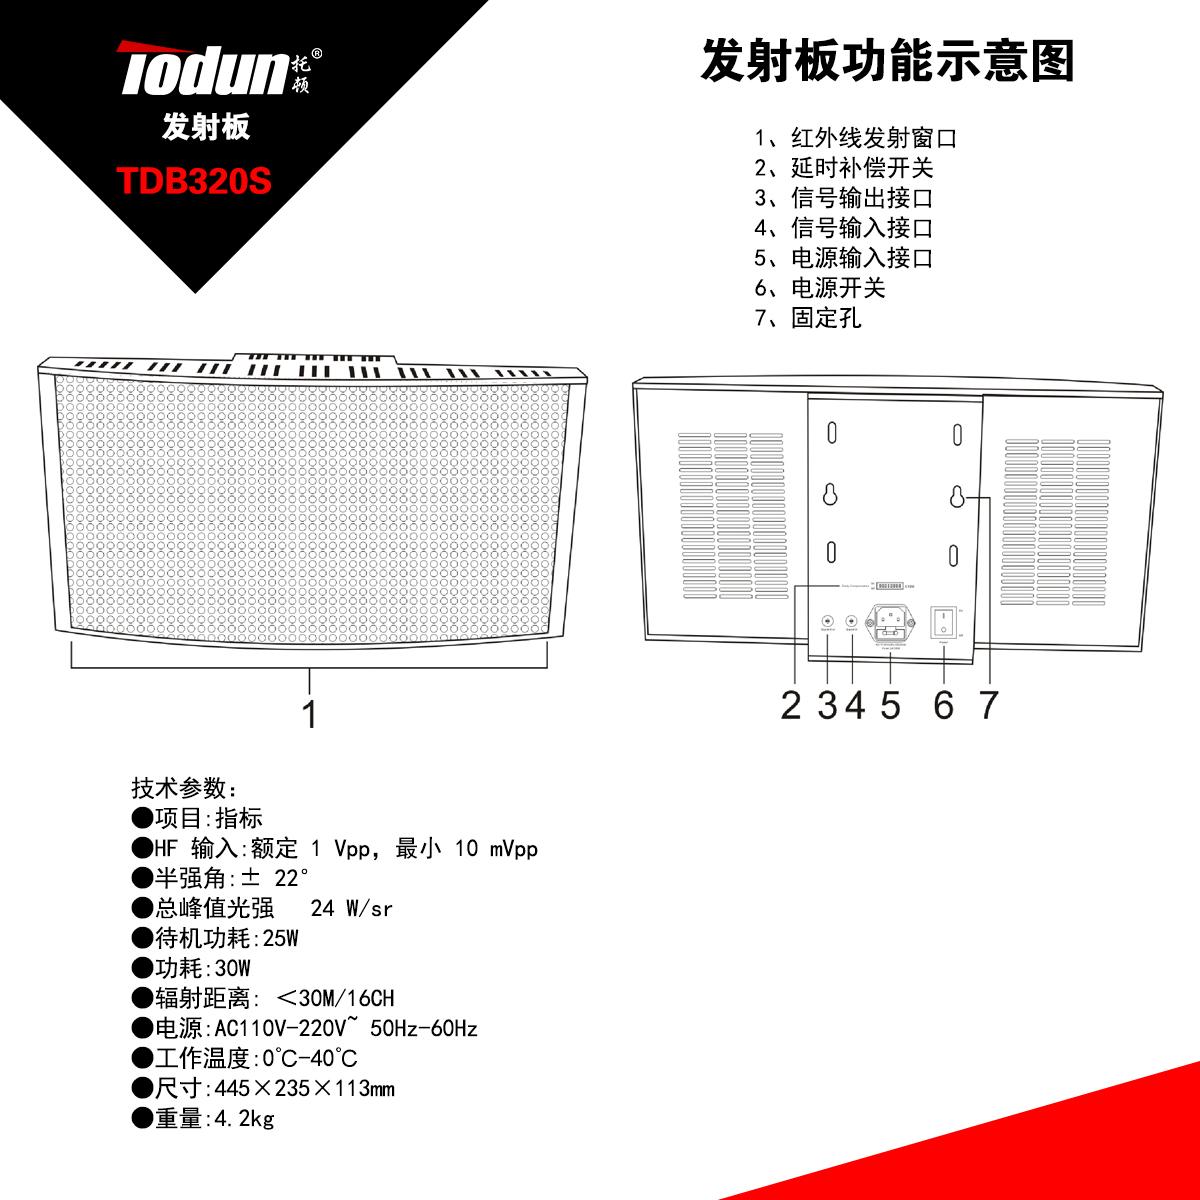 同声传译系统【充电型】数字同声传译发射板TDB320S 高级会议厅